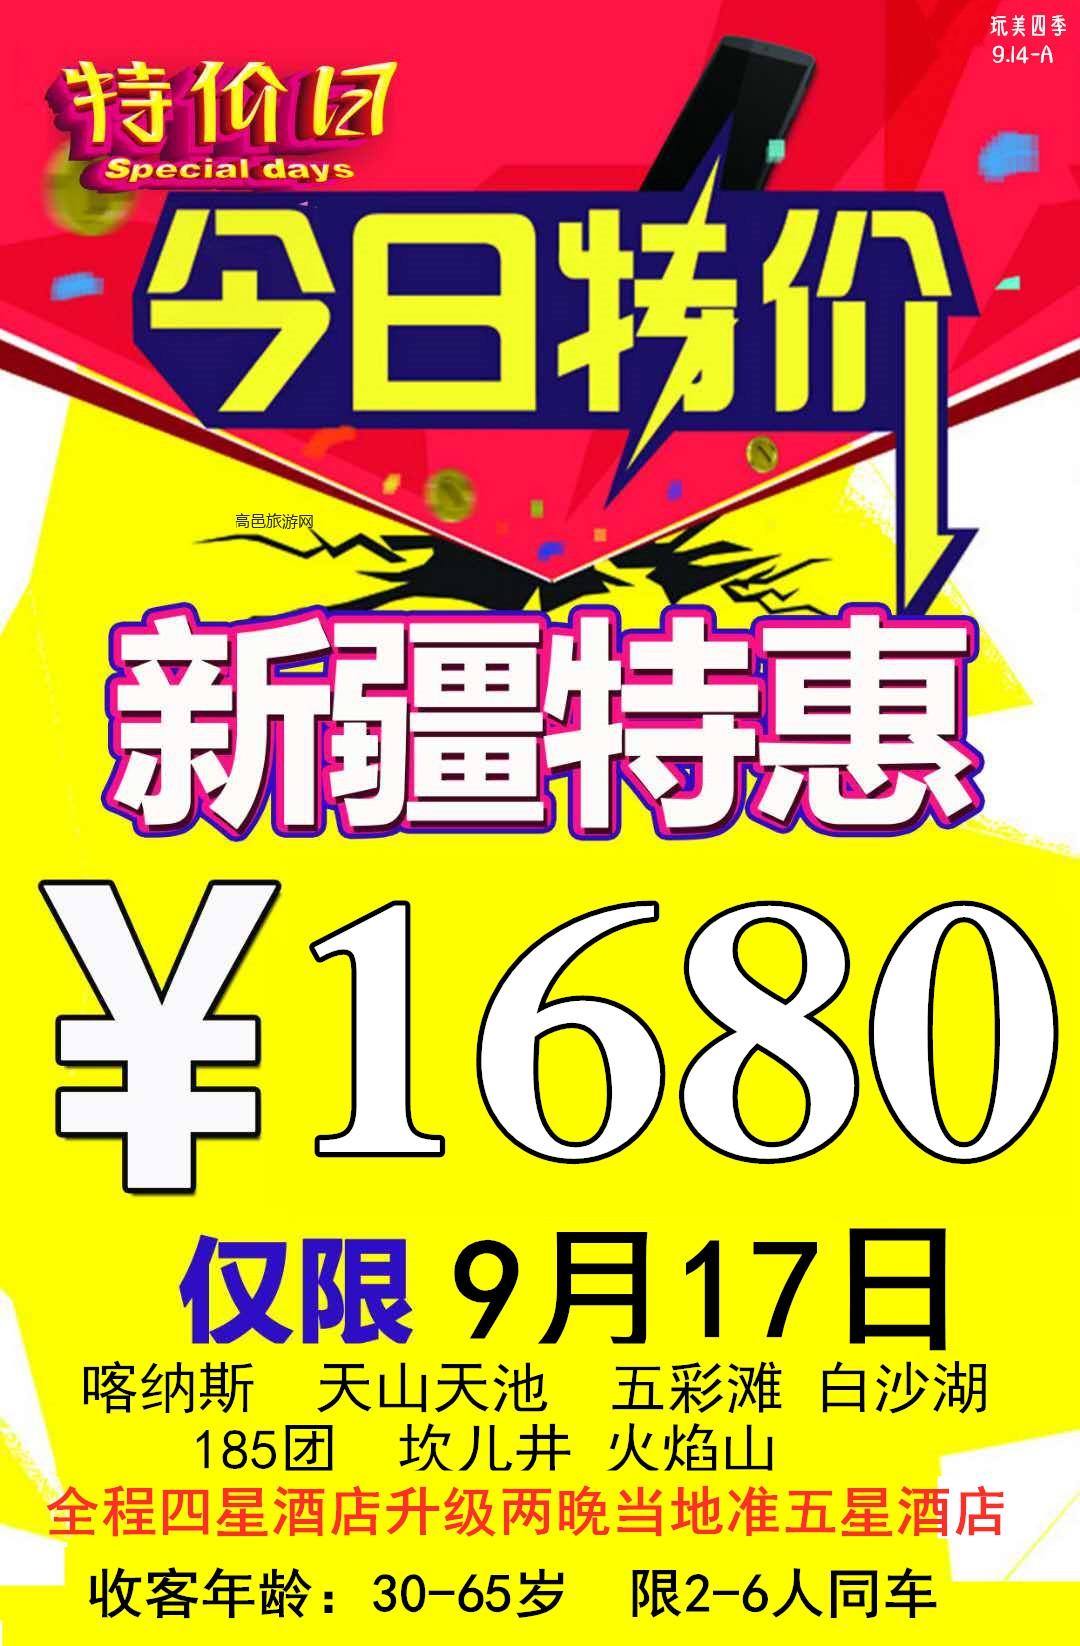 特惠丨新疆双飞八天,仅需1680元/人